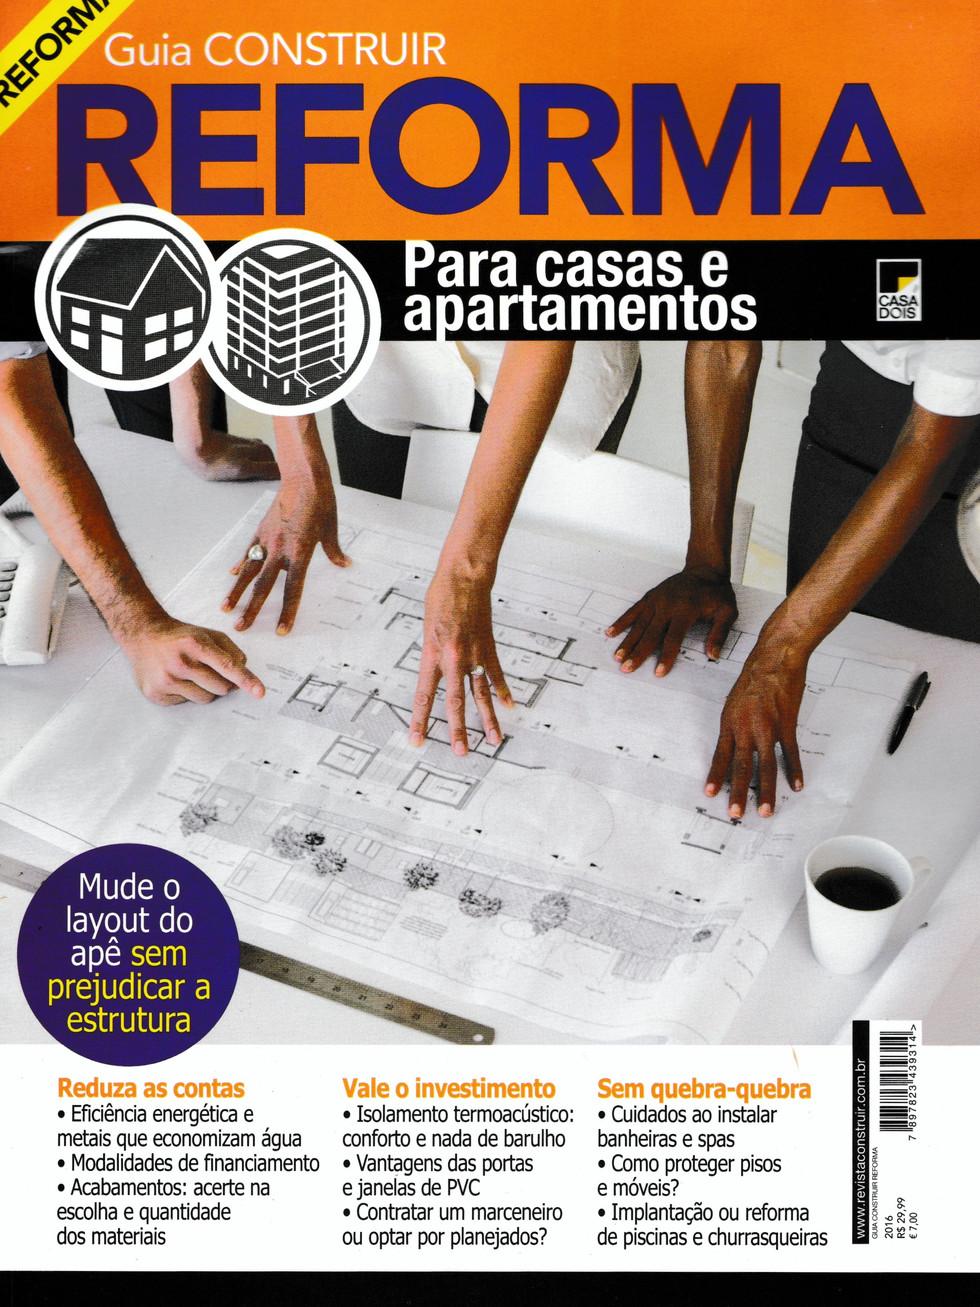 Guia Construir Reforma